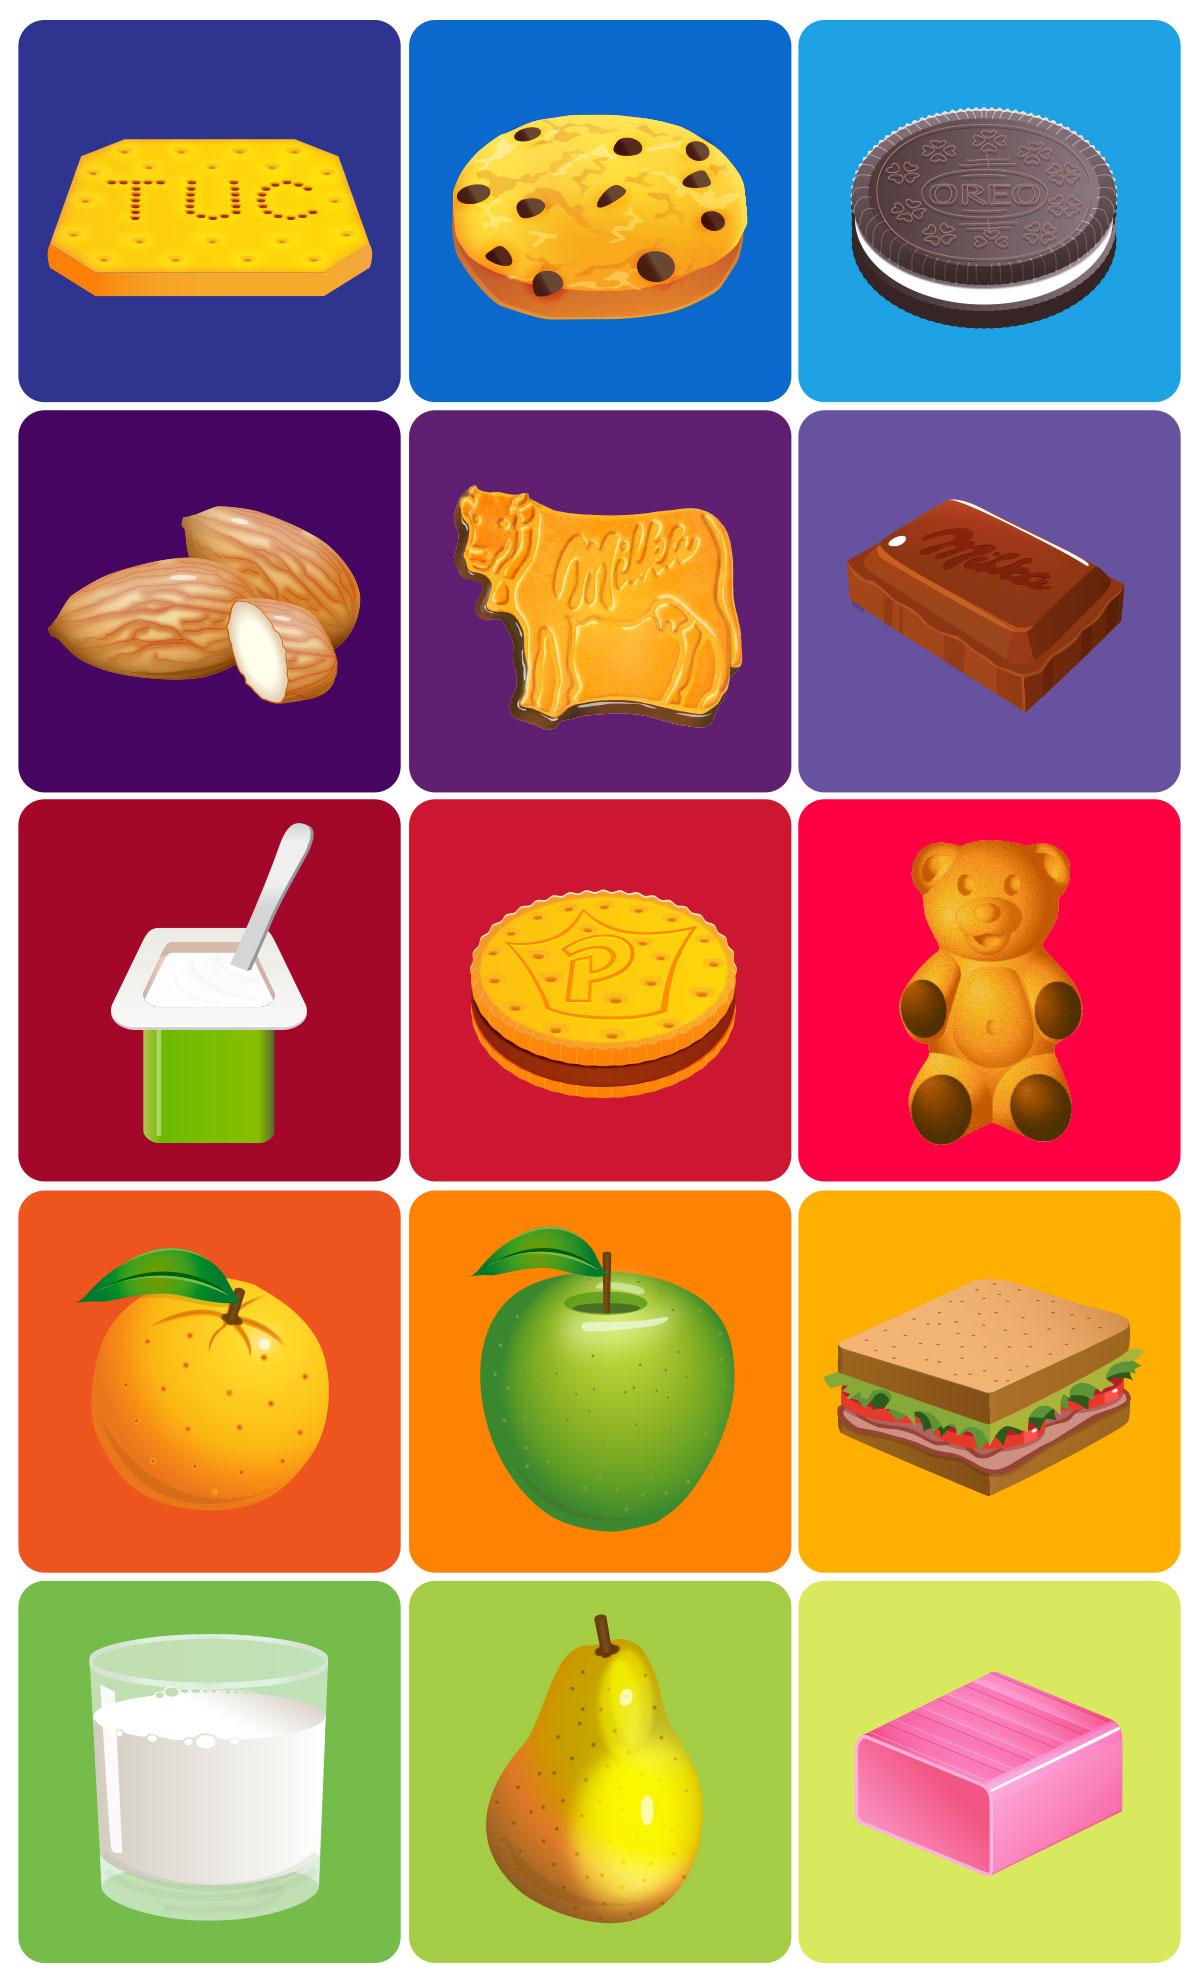 snack-icons_v3